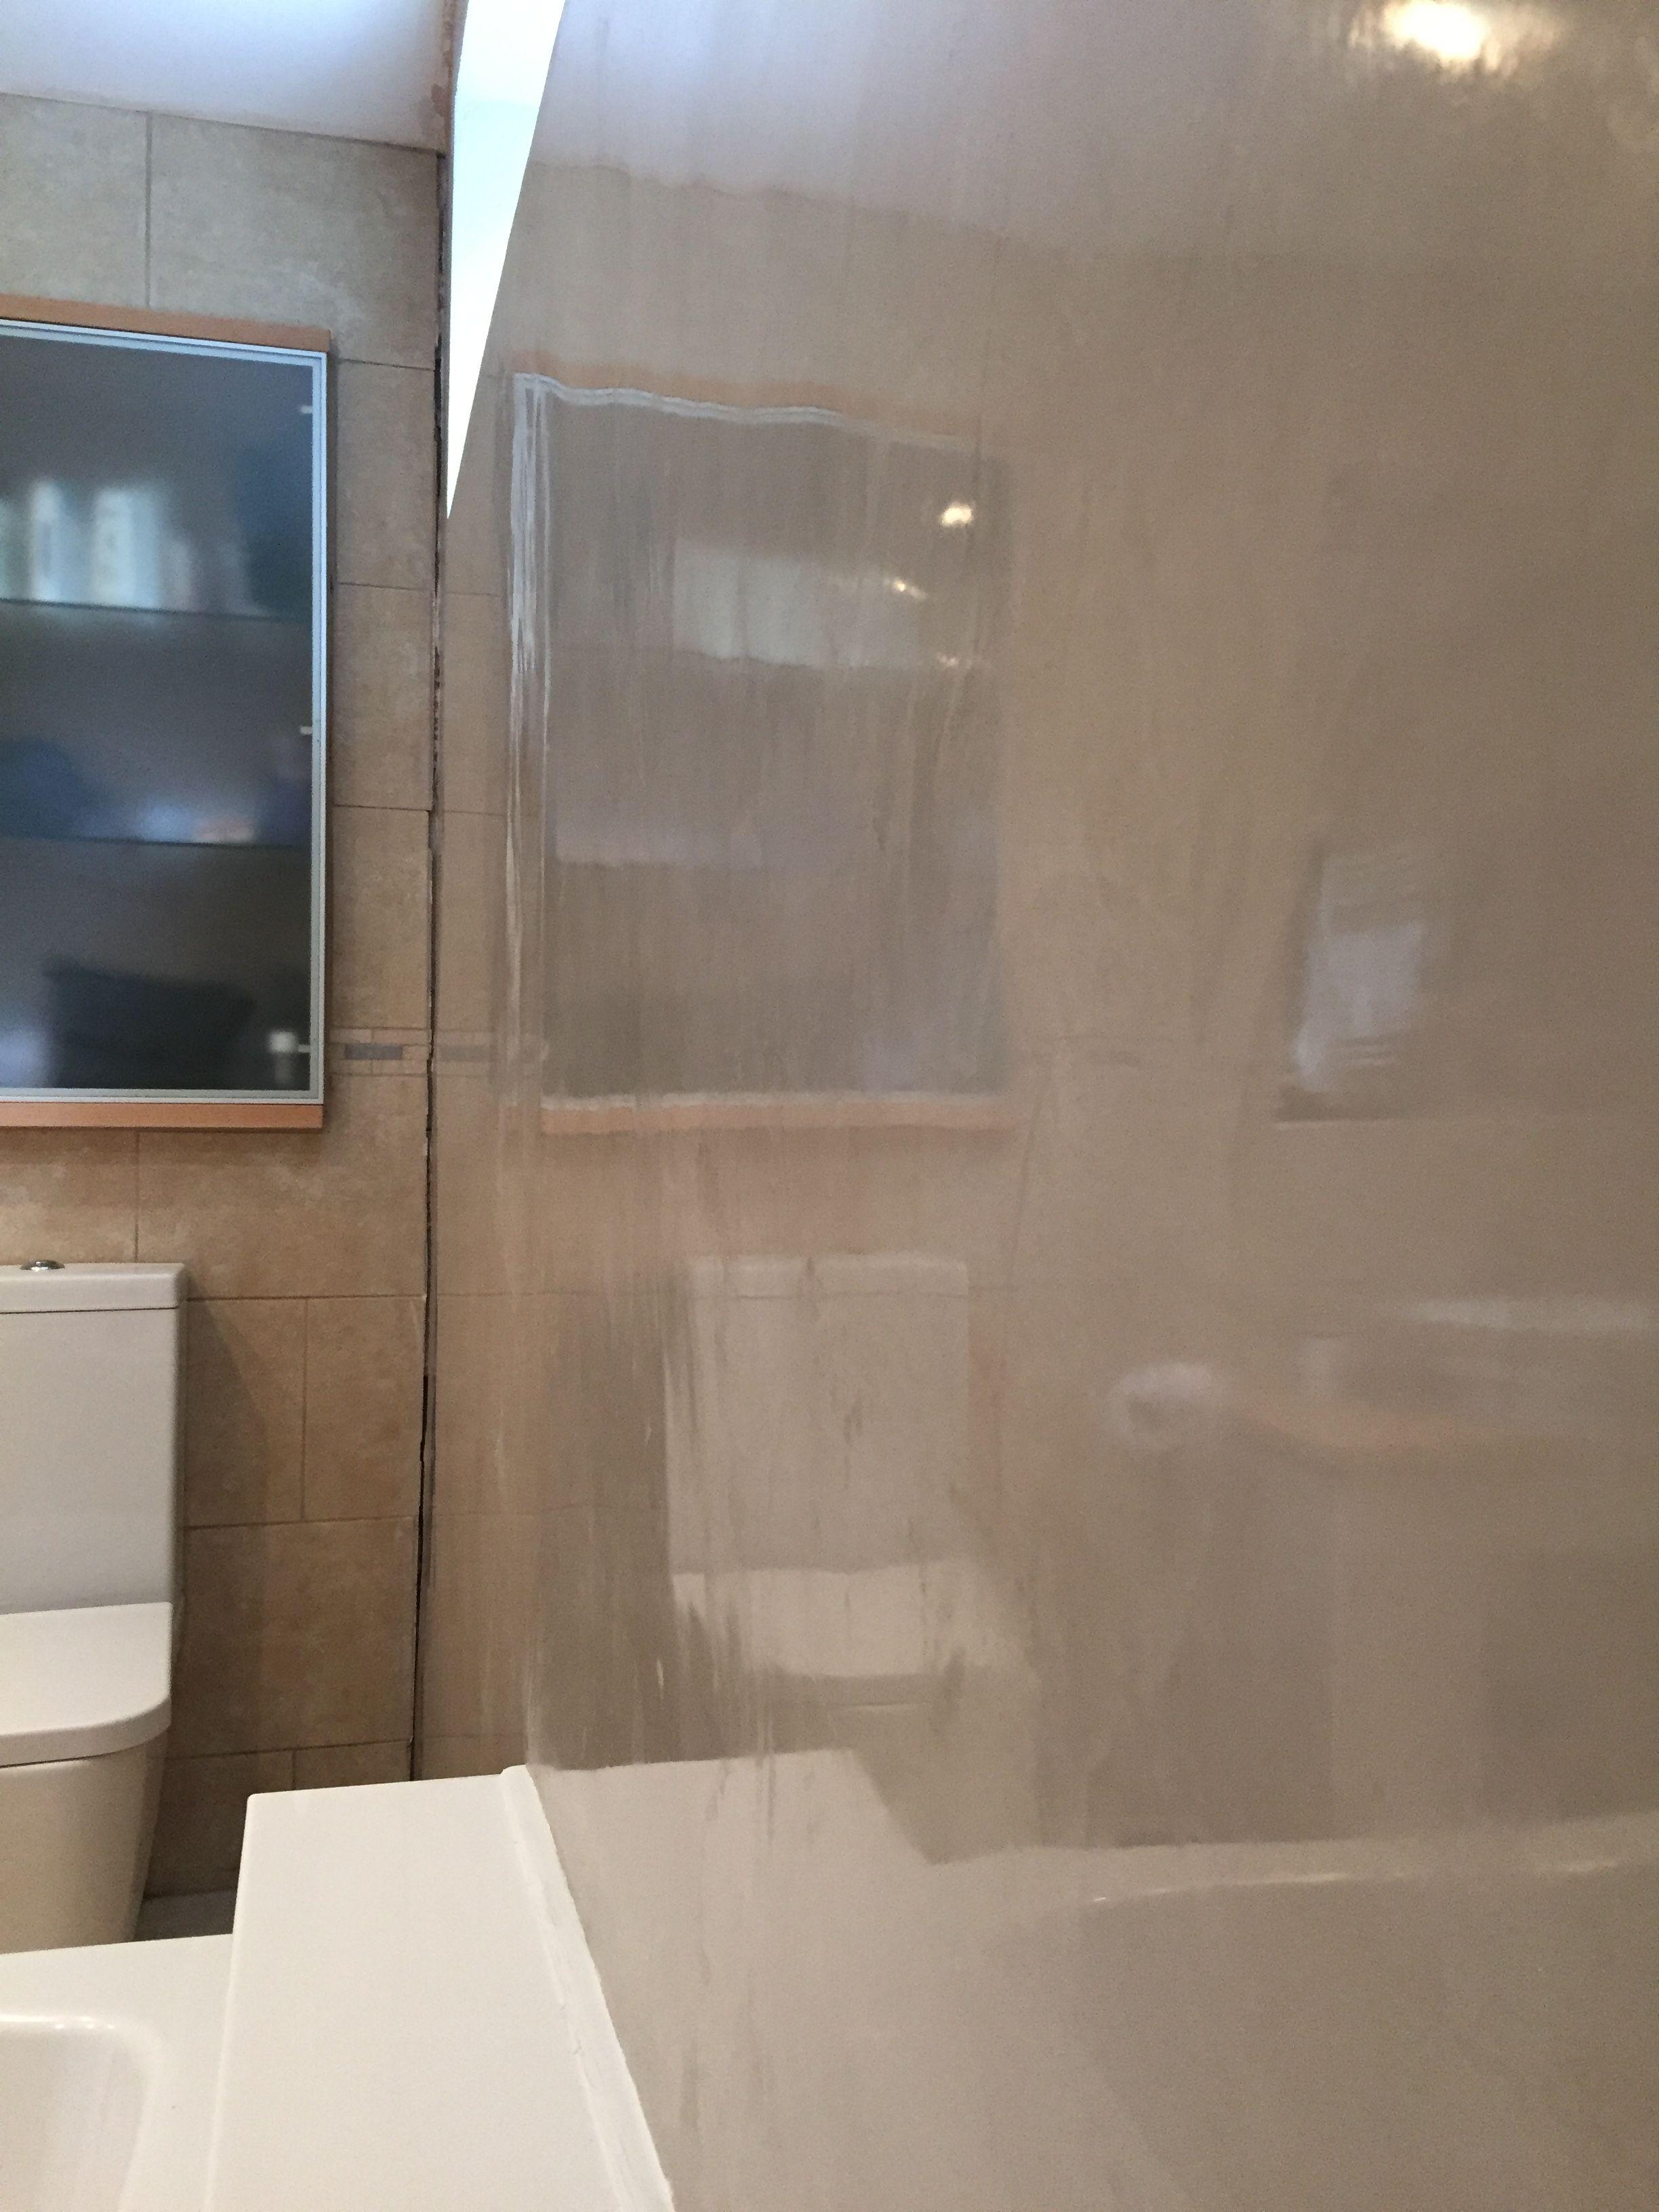 Bathroom Feature Wall I Did In Marmorino Classico Venetian Plaster Bathroom Feature Wall Venetian Plaster Stucco Veneziano